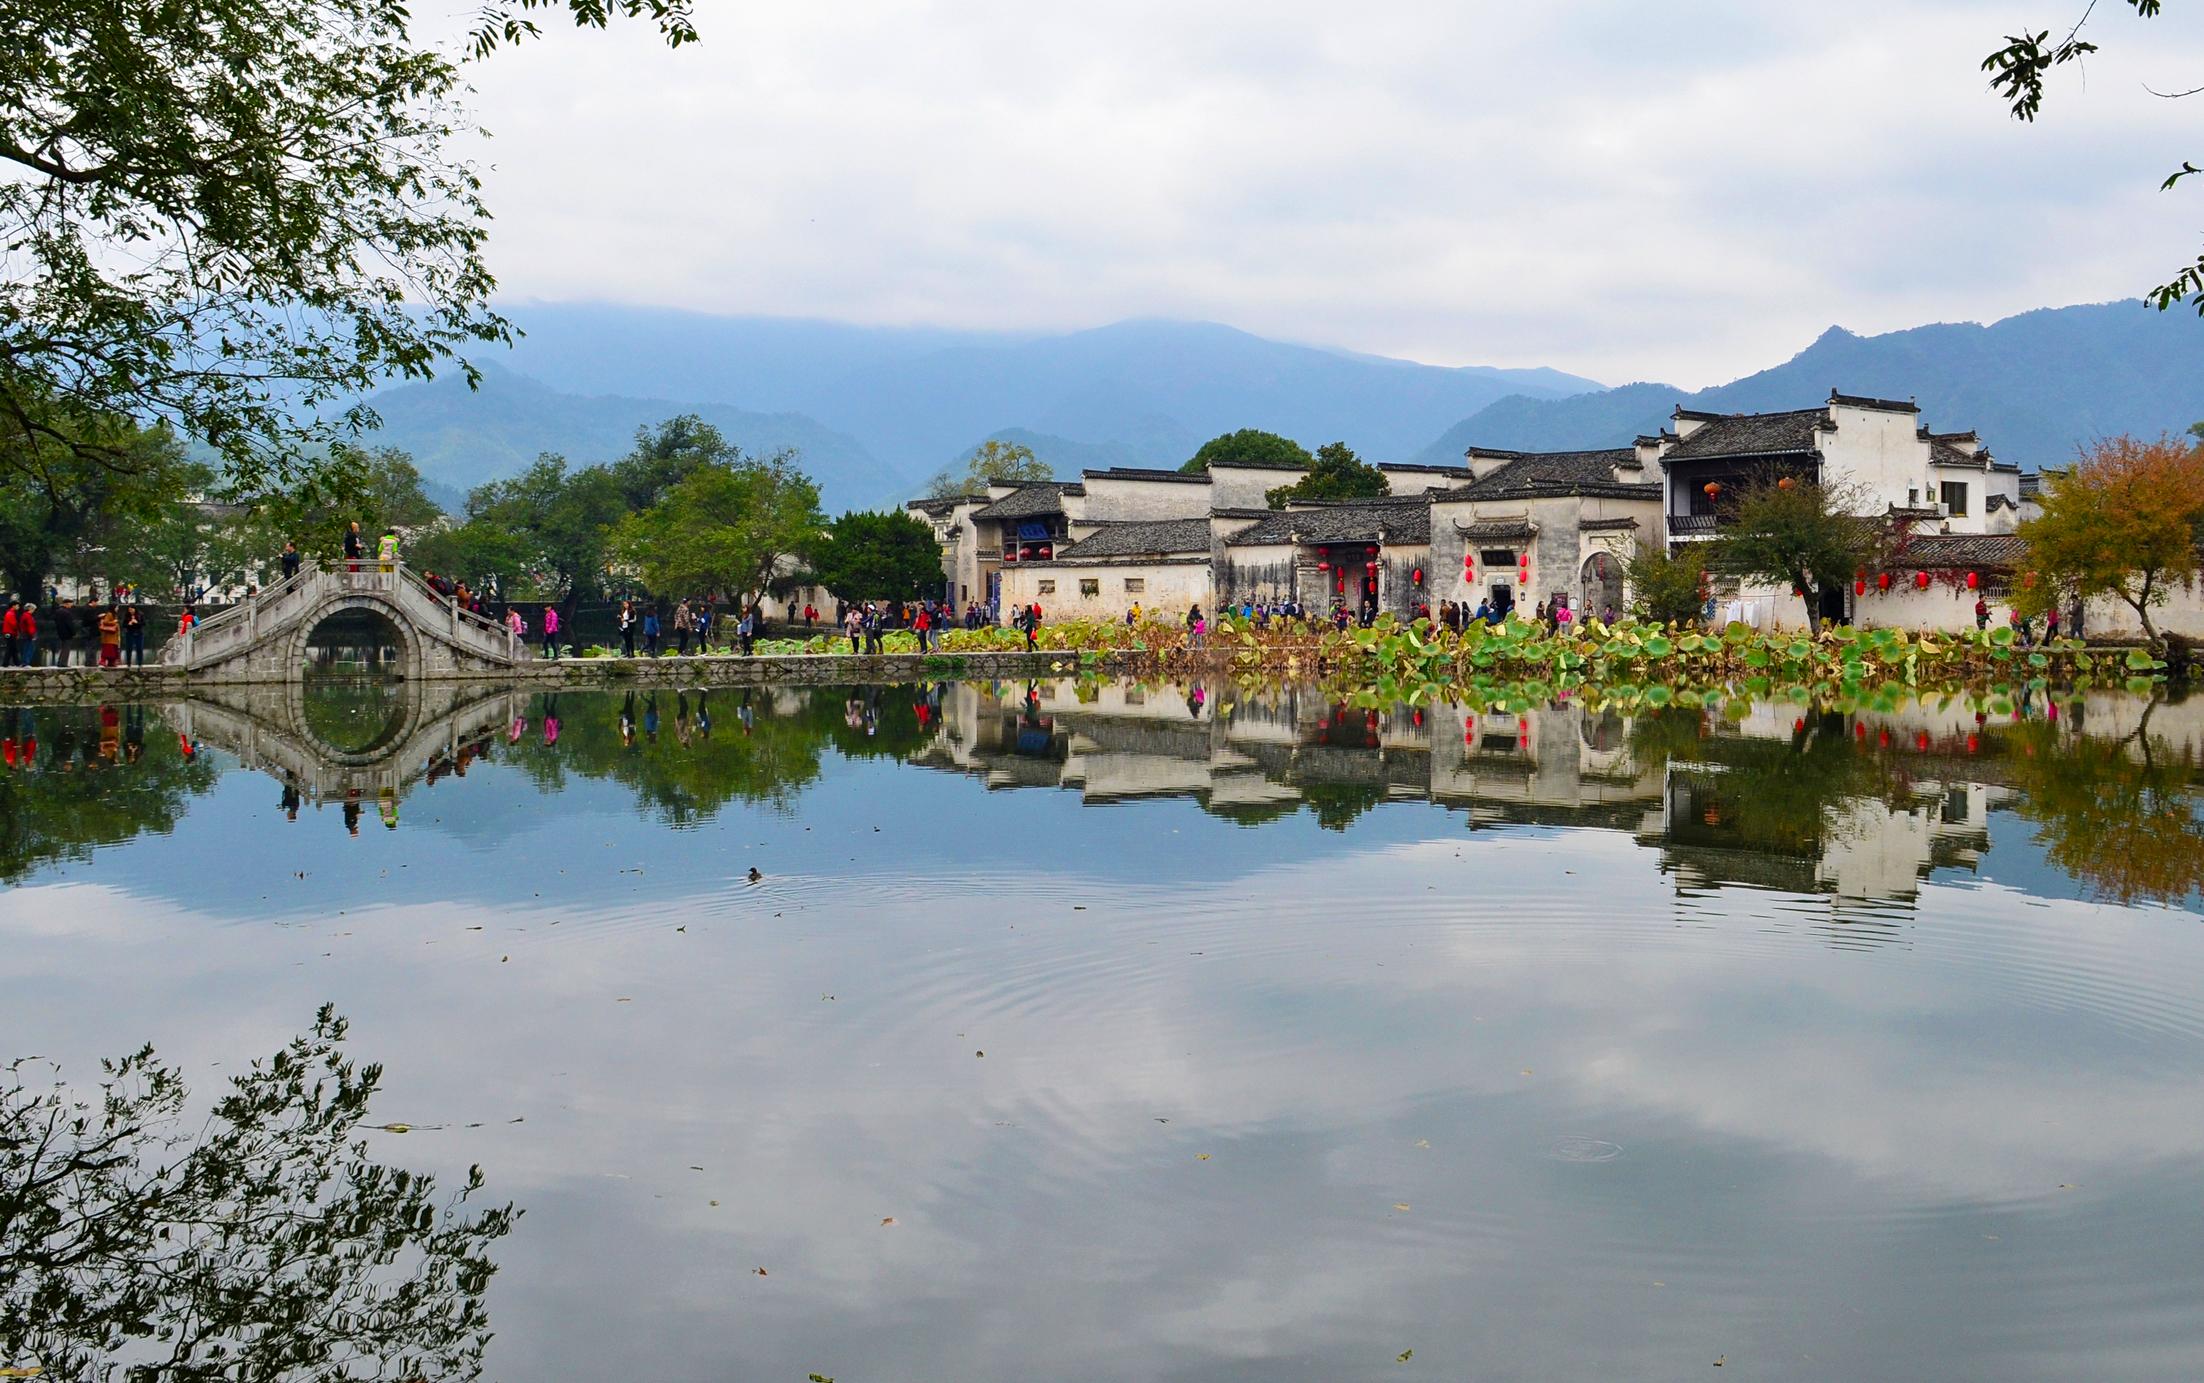 South_Lake_of_Hongcun_20141110